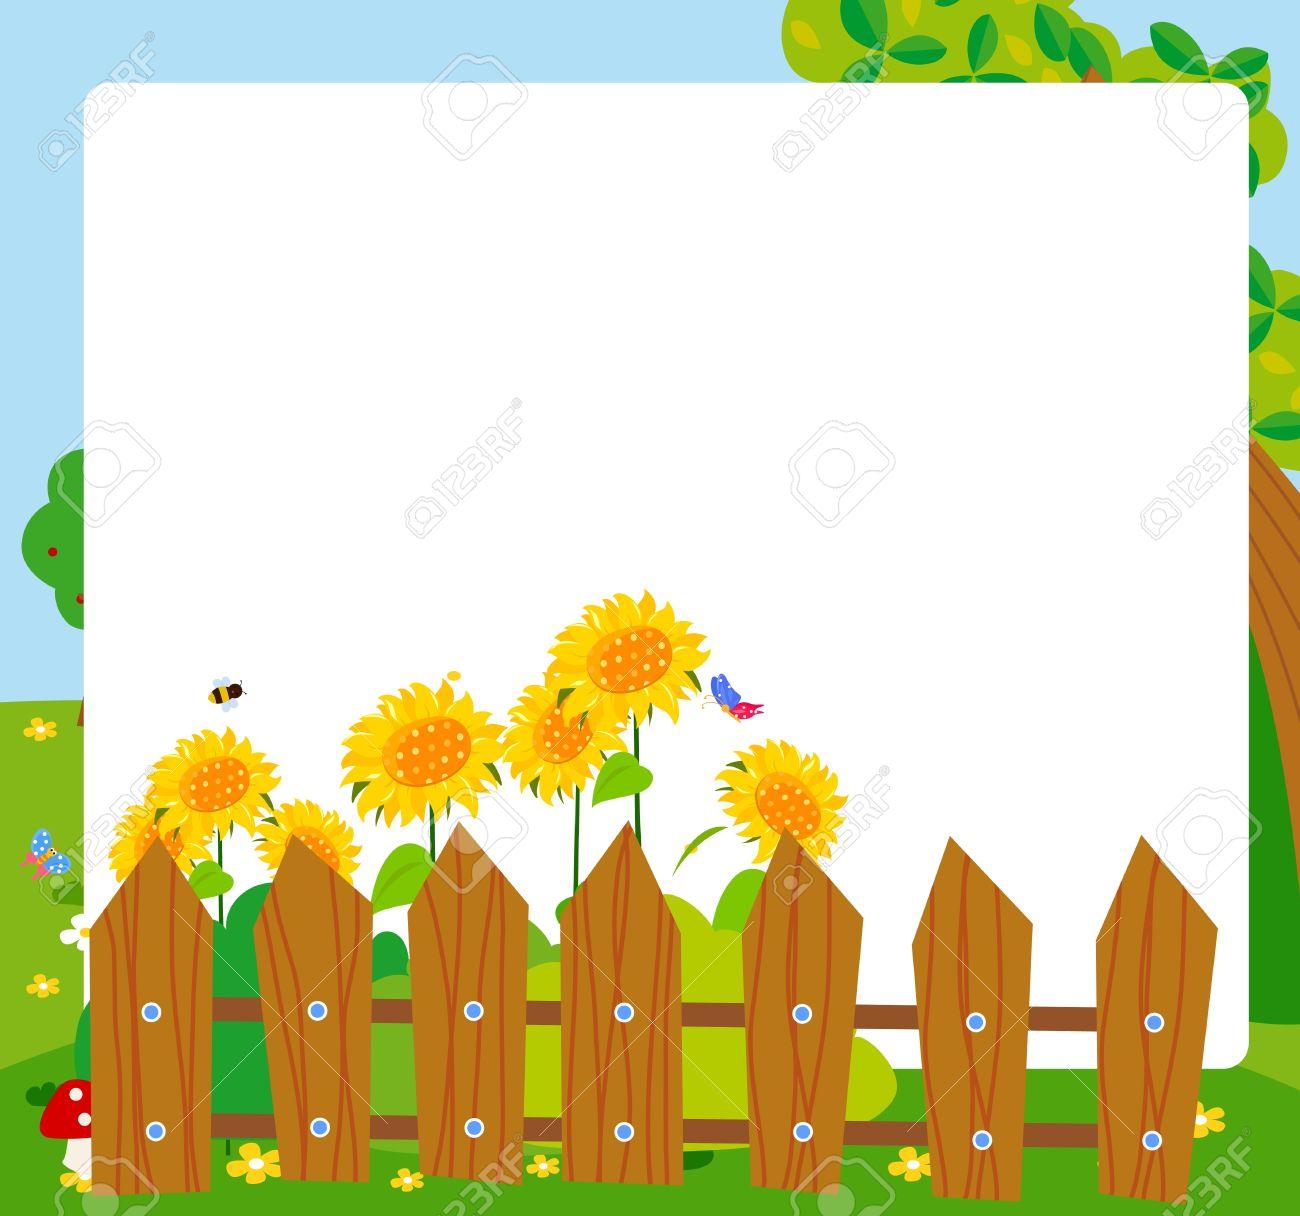 Flower garden cartoon - Cartoon Sunflower Frame Stock Vector 14861006